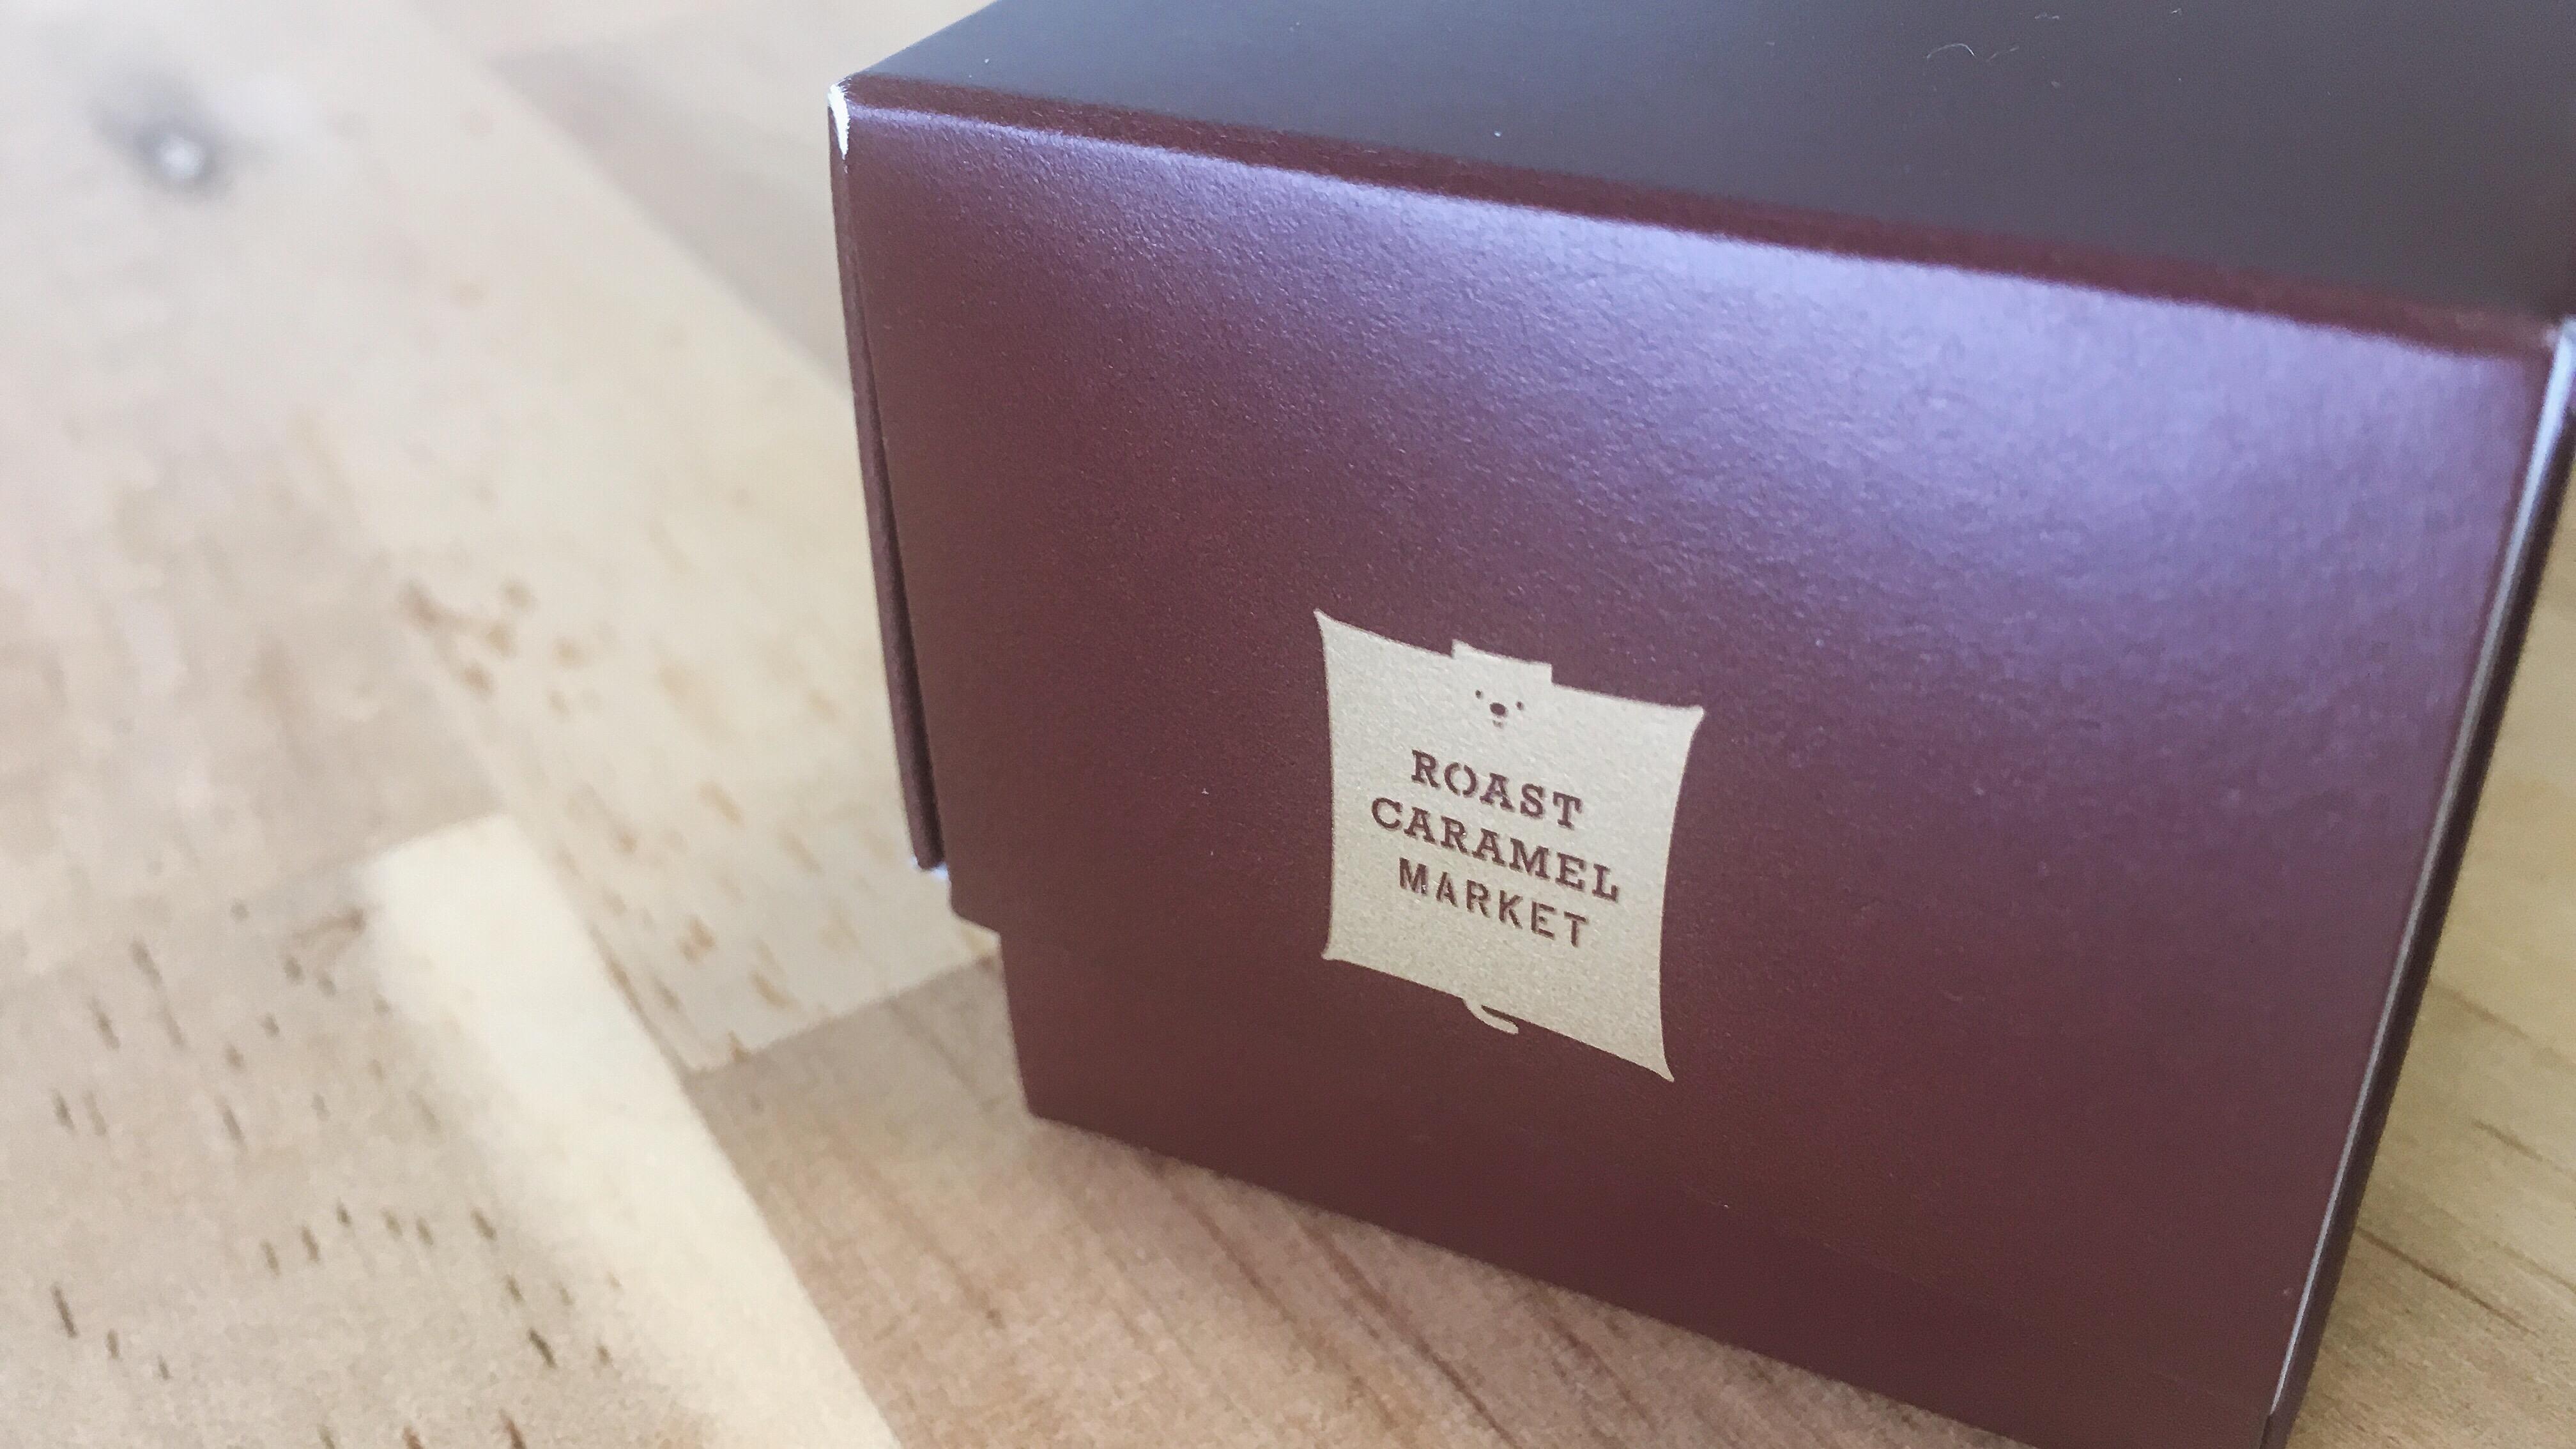 ローストキャラメルマーケットのモモンガが隠れたかわいいロゴ